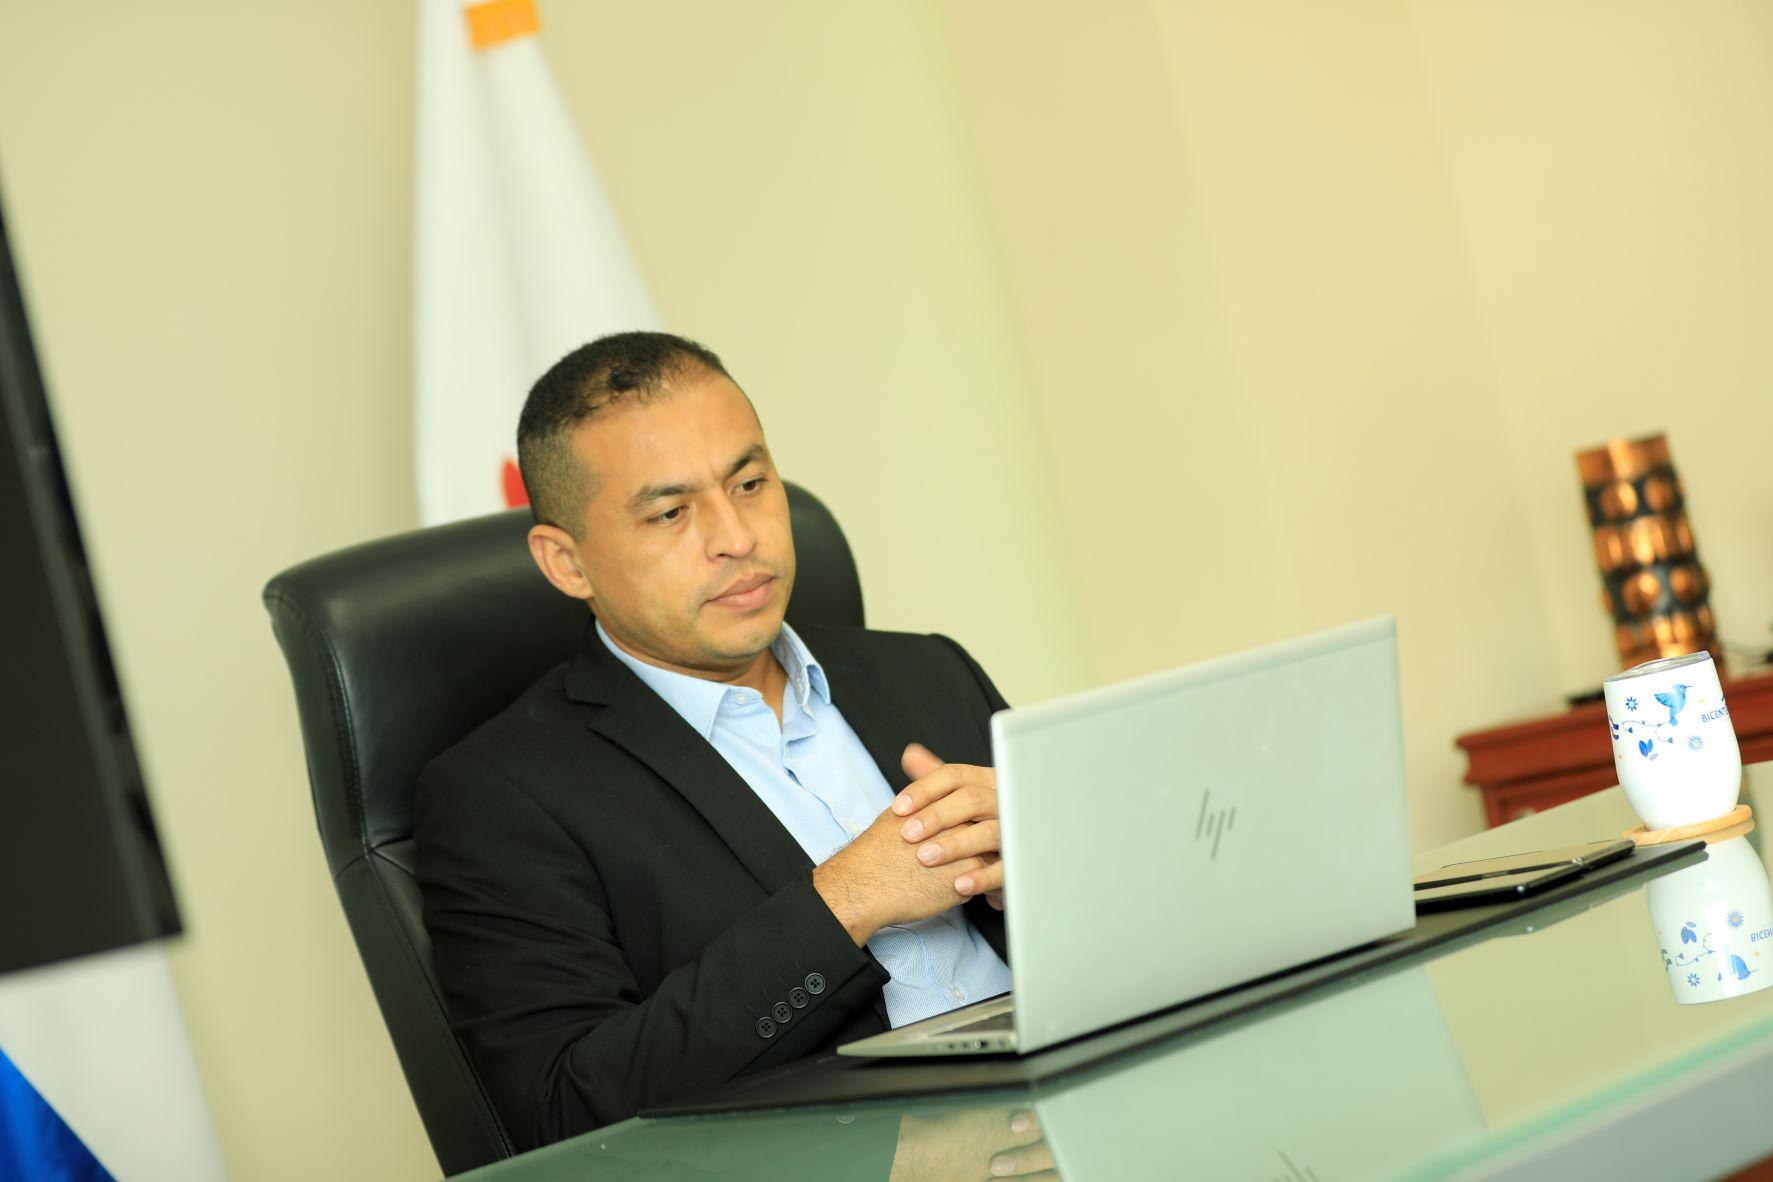 Superintendente fue nombrado Director Subregión de Centroamérica ante la Junta Directiva de ASBA